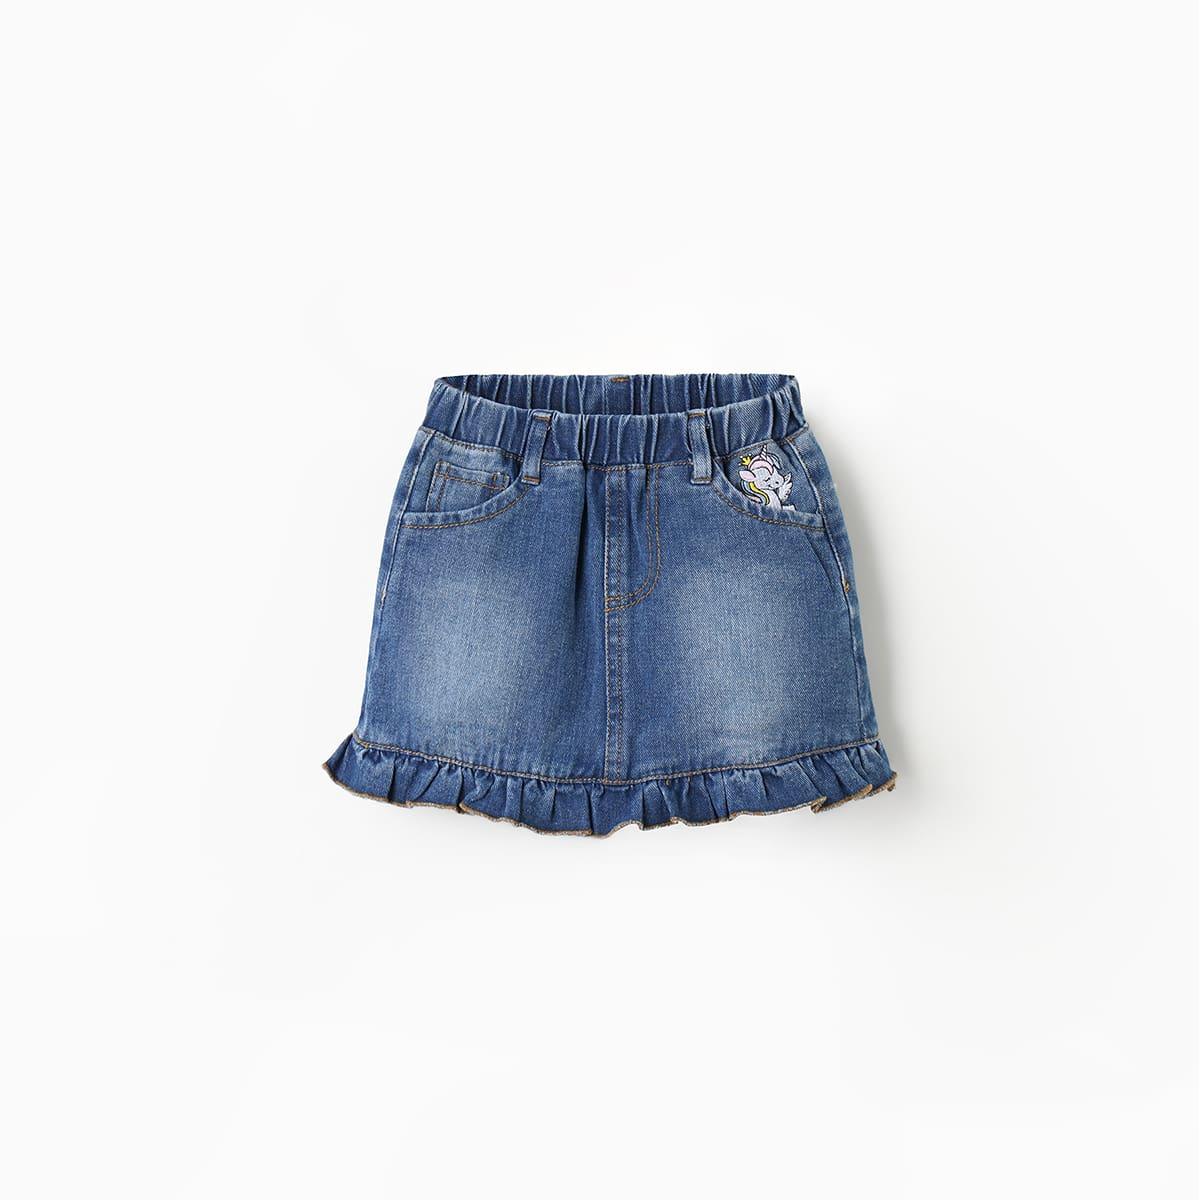 Джинсовая юбка с мультипликационной вышивкой для девочек